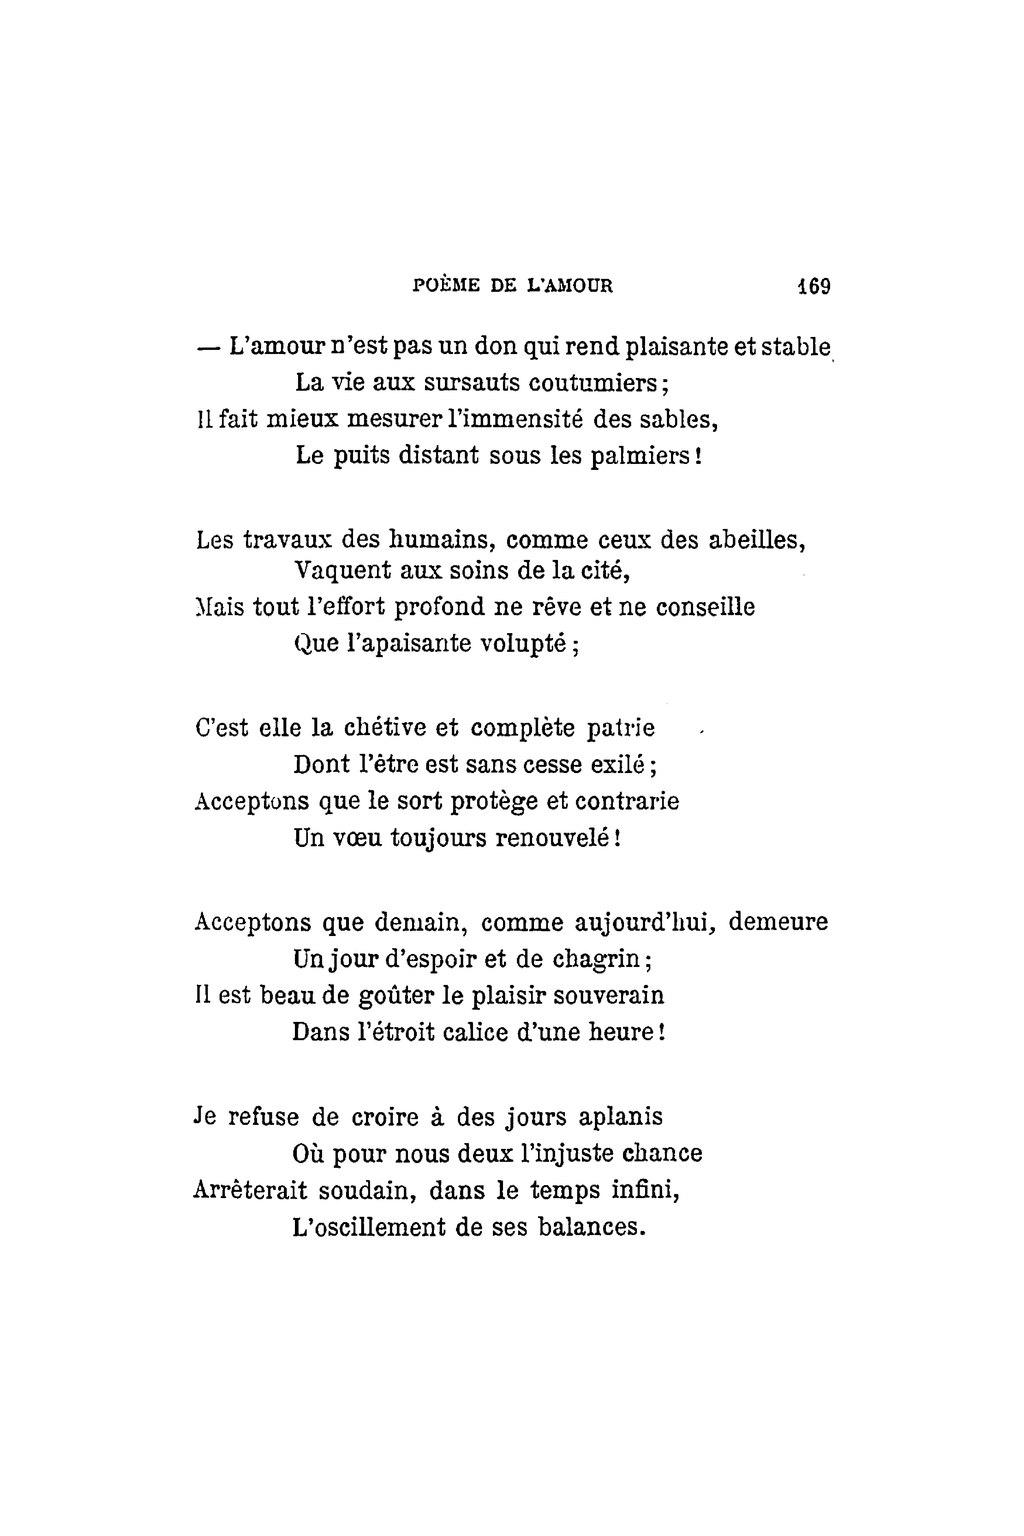 Poème De L'amour, 1924.djvu/167